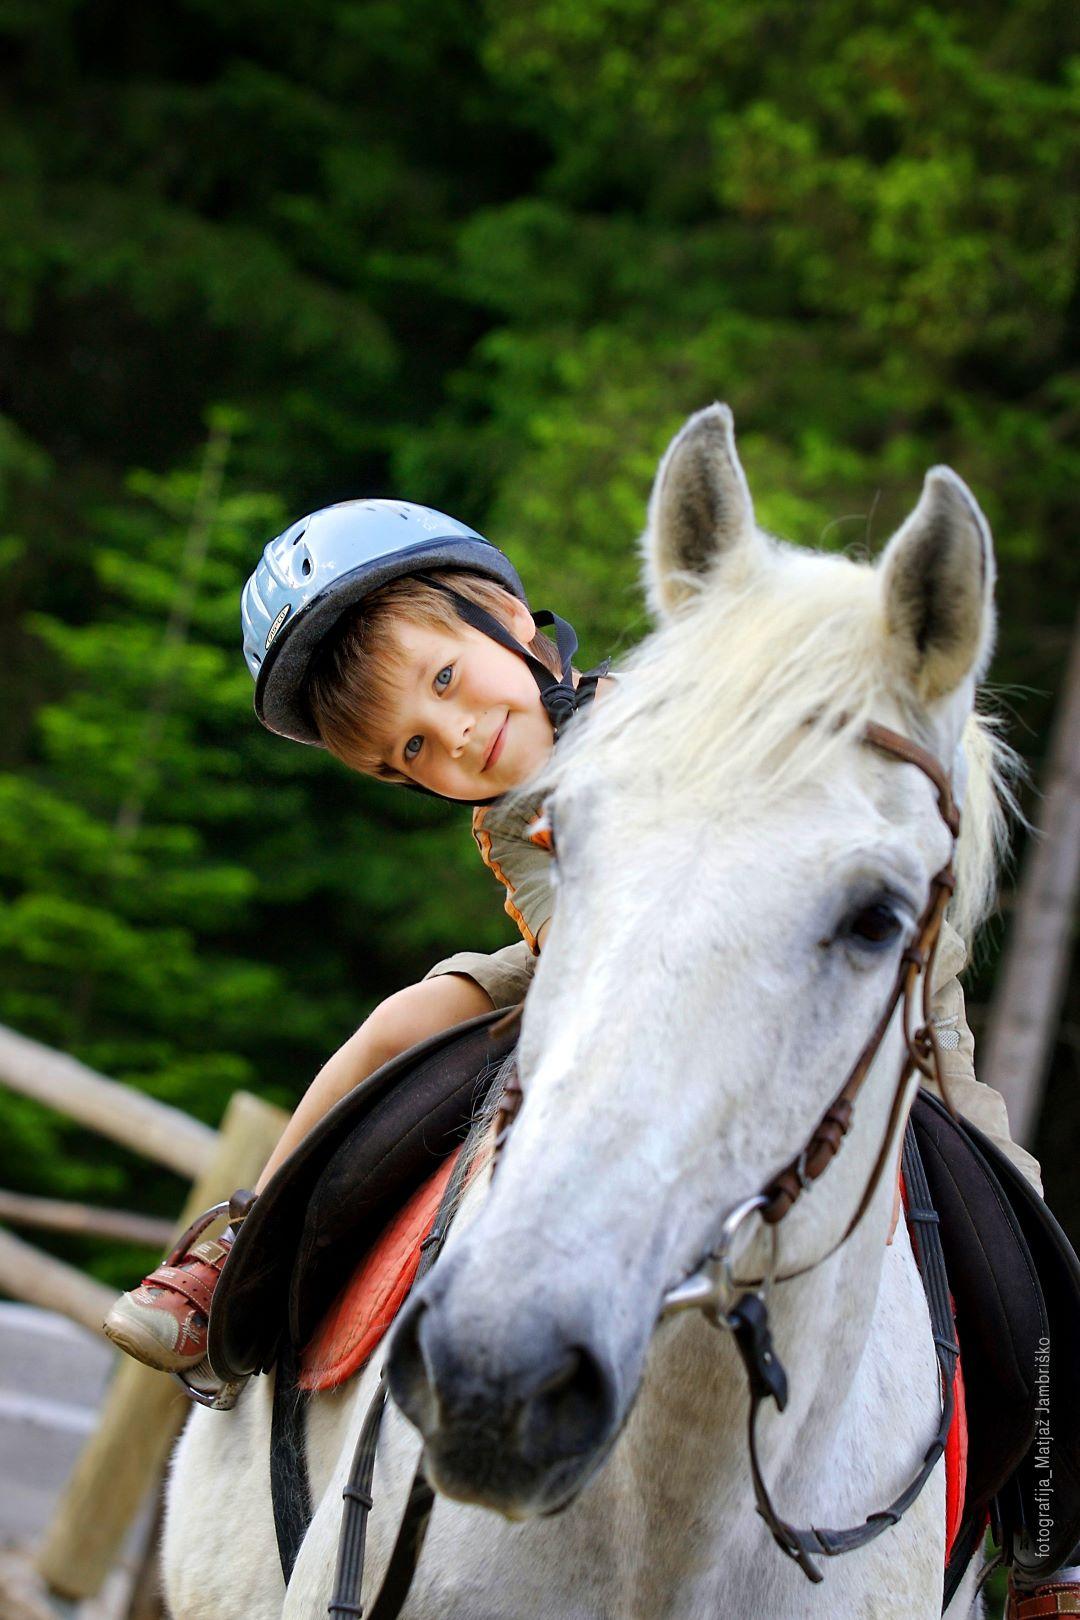 ranč kaja in grom otroci 13